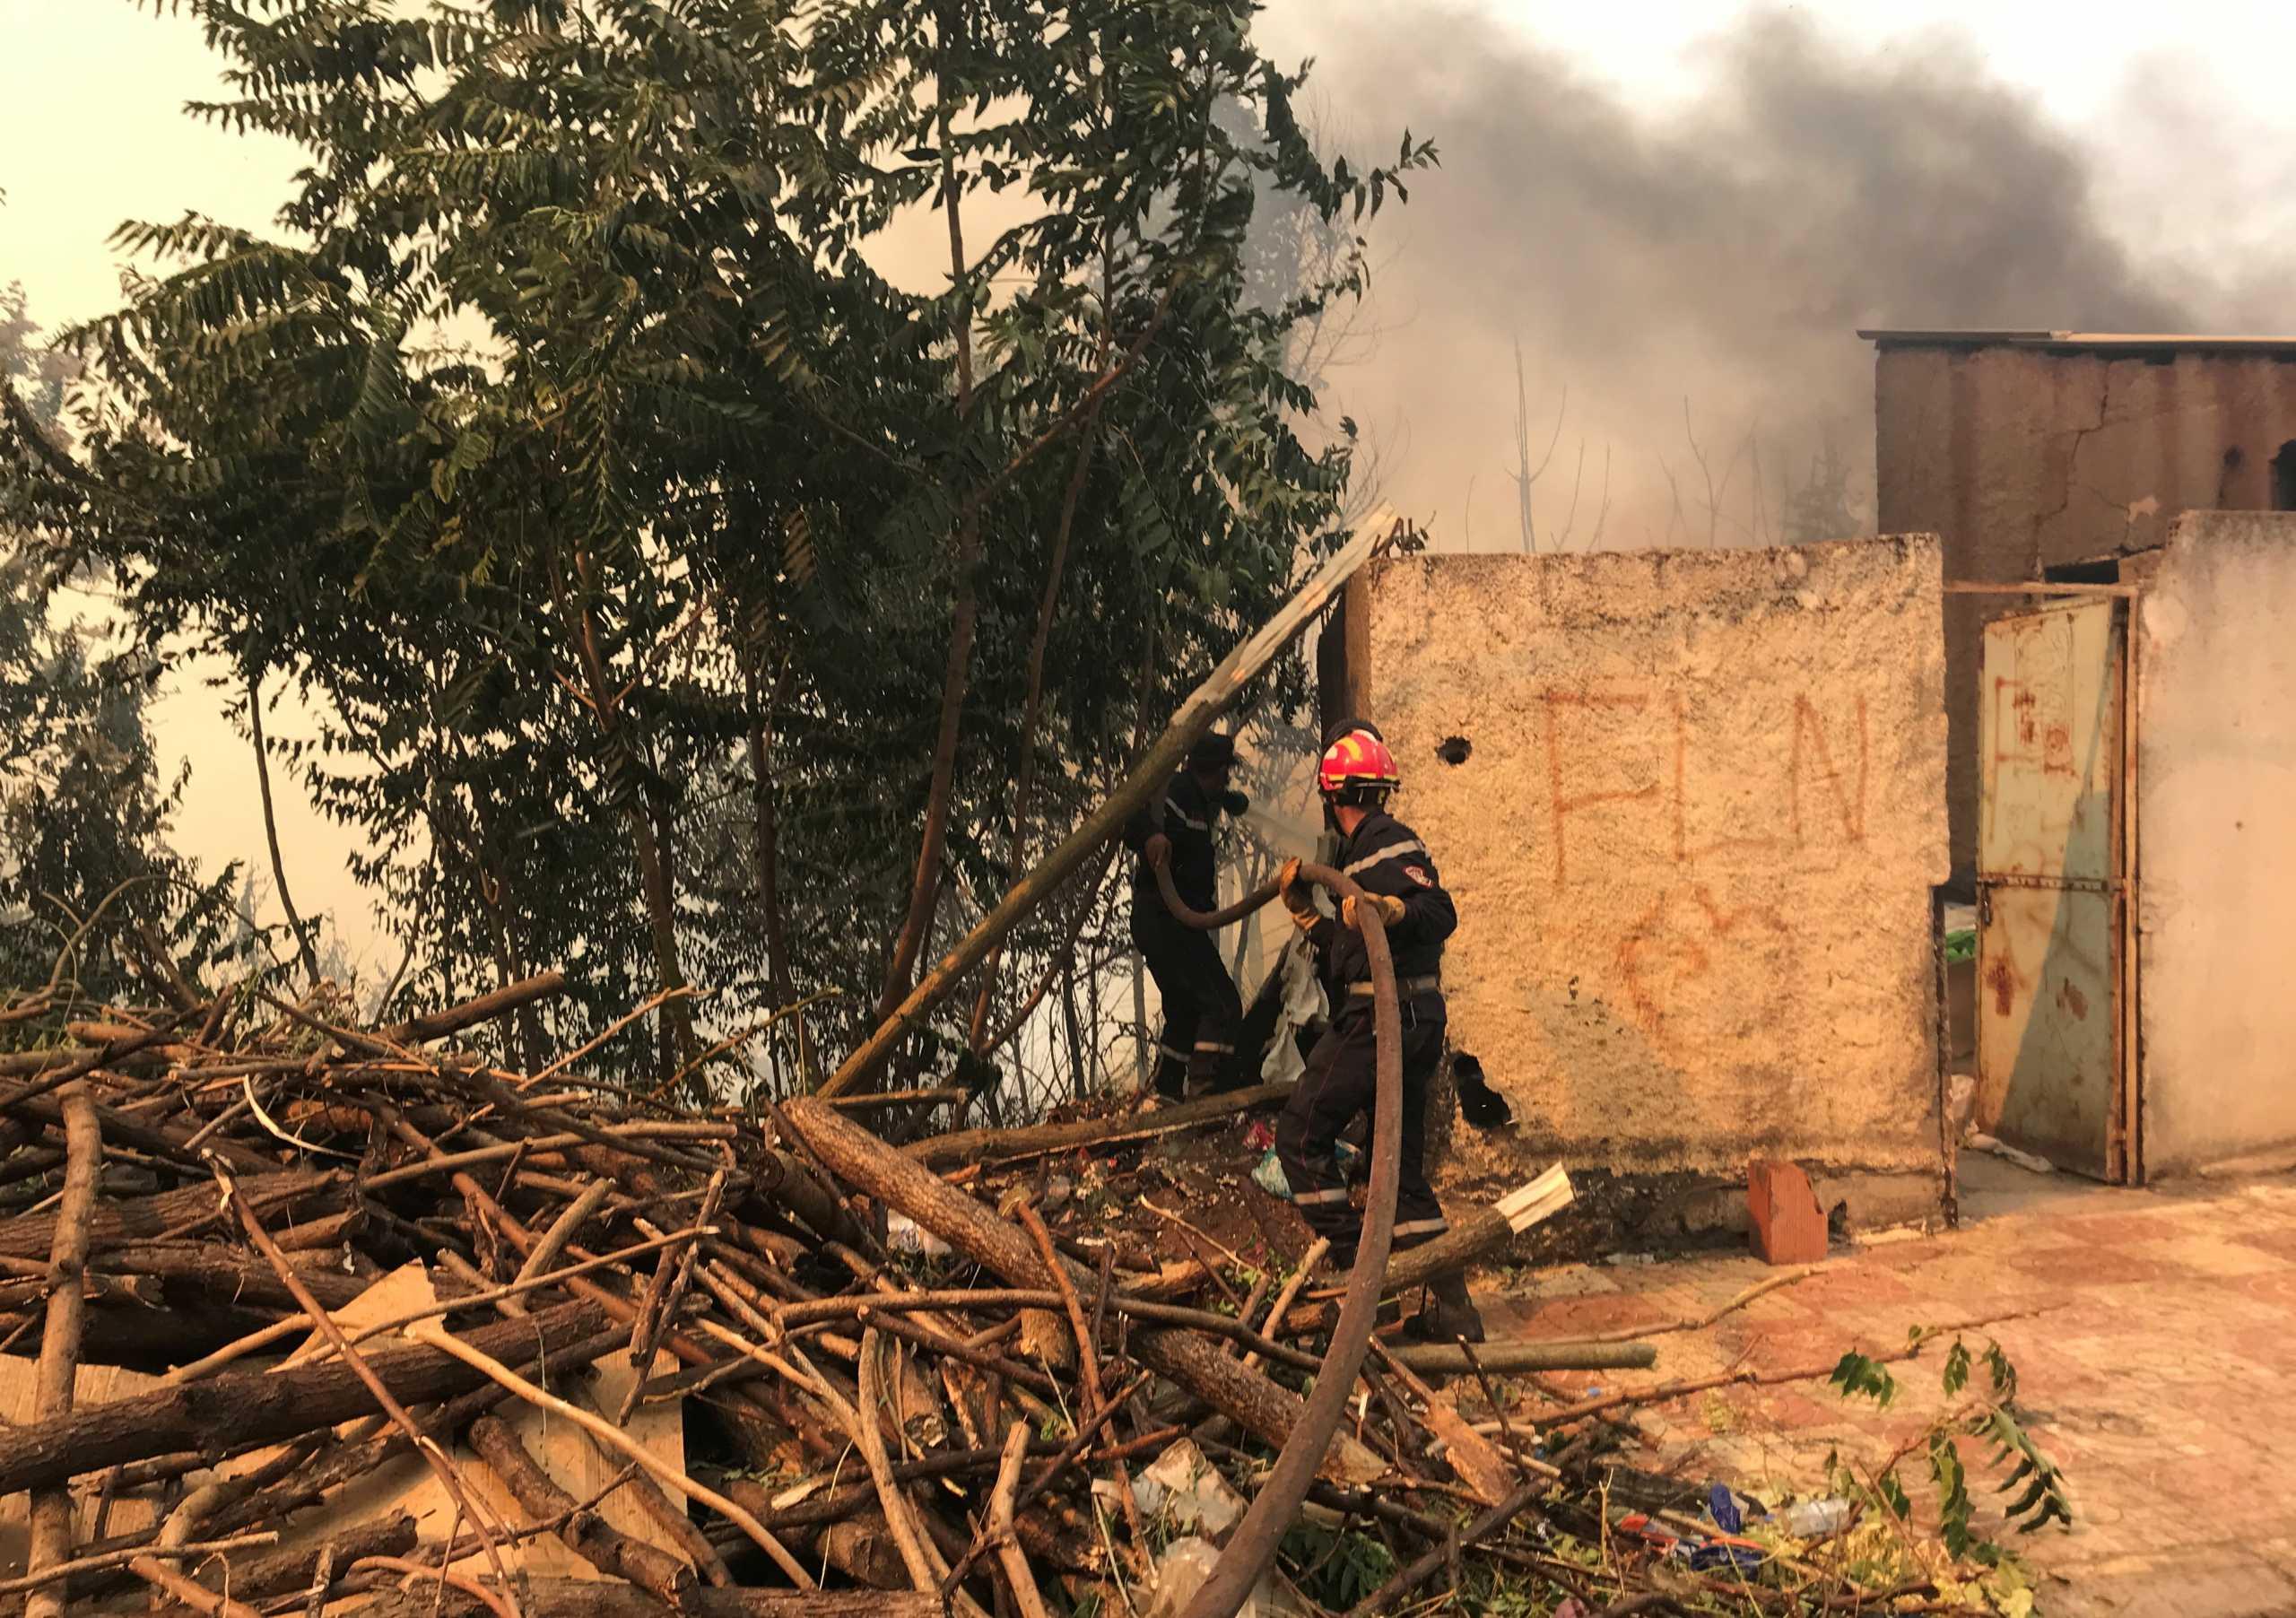 Φωτιές στην Αλγερία: Τουλάχιστον 65 οι νεκροί – Για εμπρησμό κάνουν λόγο οι αρχές